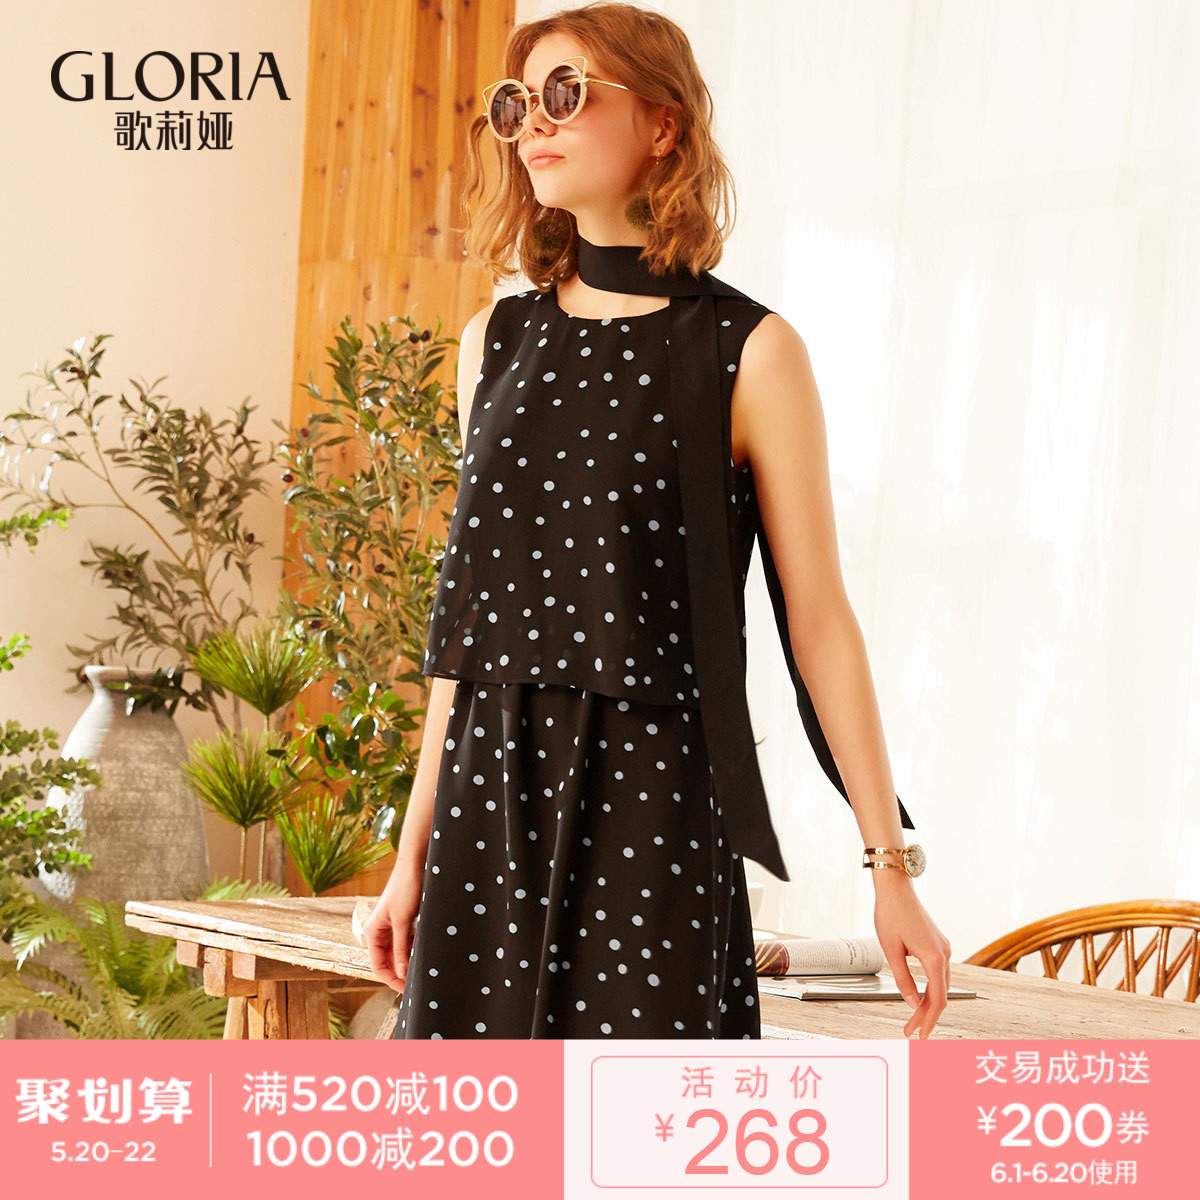 歌莉娅女装 GLORIA歌莉娅女装2018新款波点无袖雪纺连衣裙183E4B170_推荐淘宝好看的歌莉娅